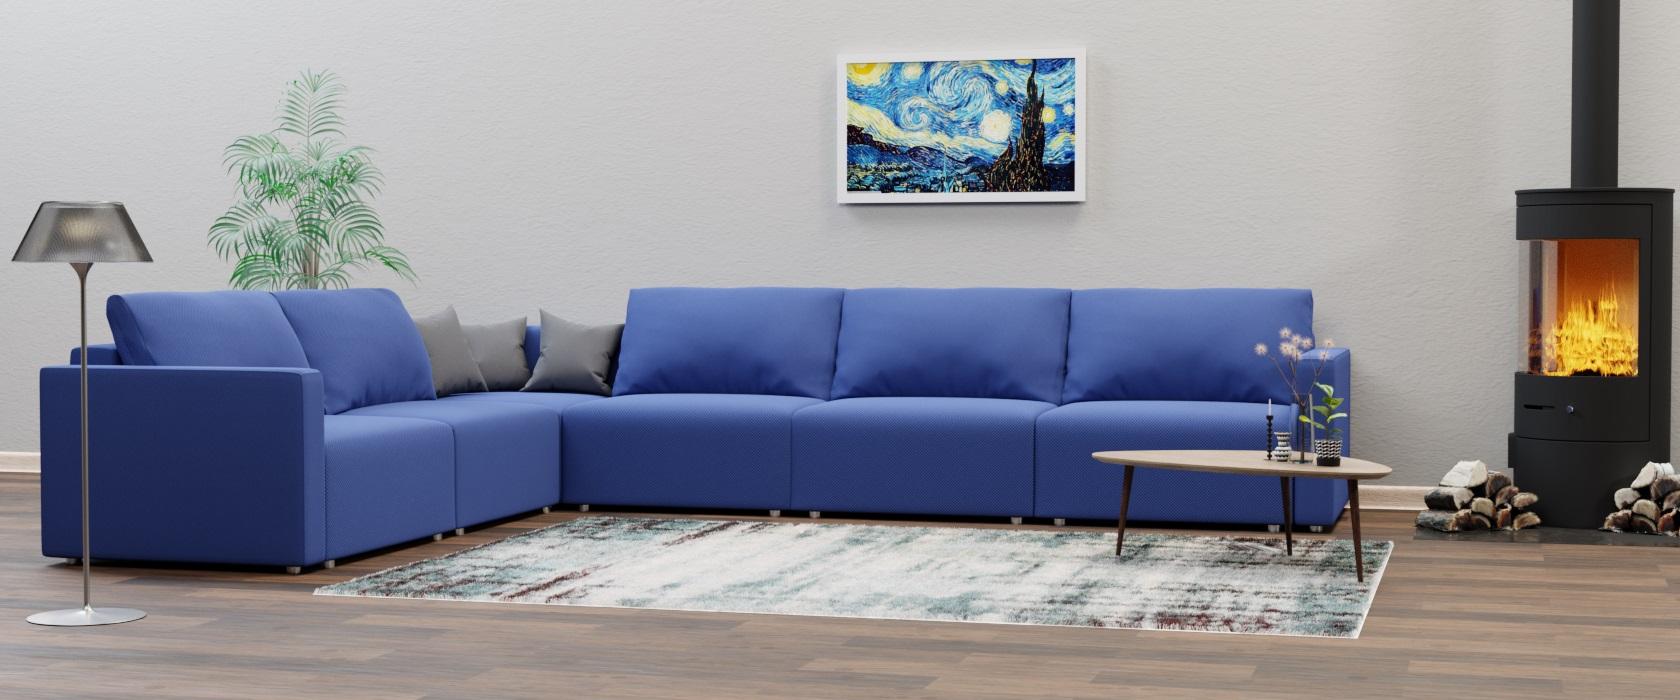 Модульный диван Greta 417x317 - Фото 2 - Pufetto